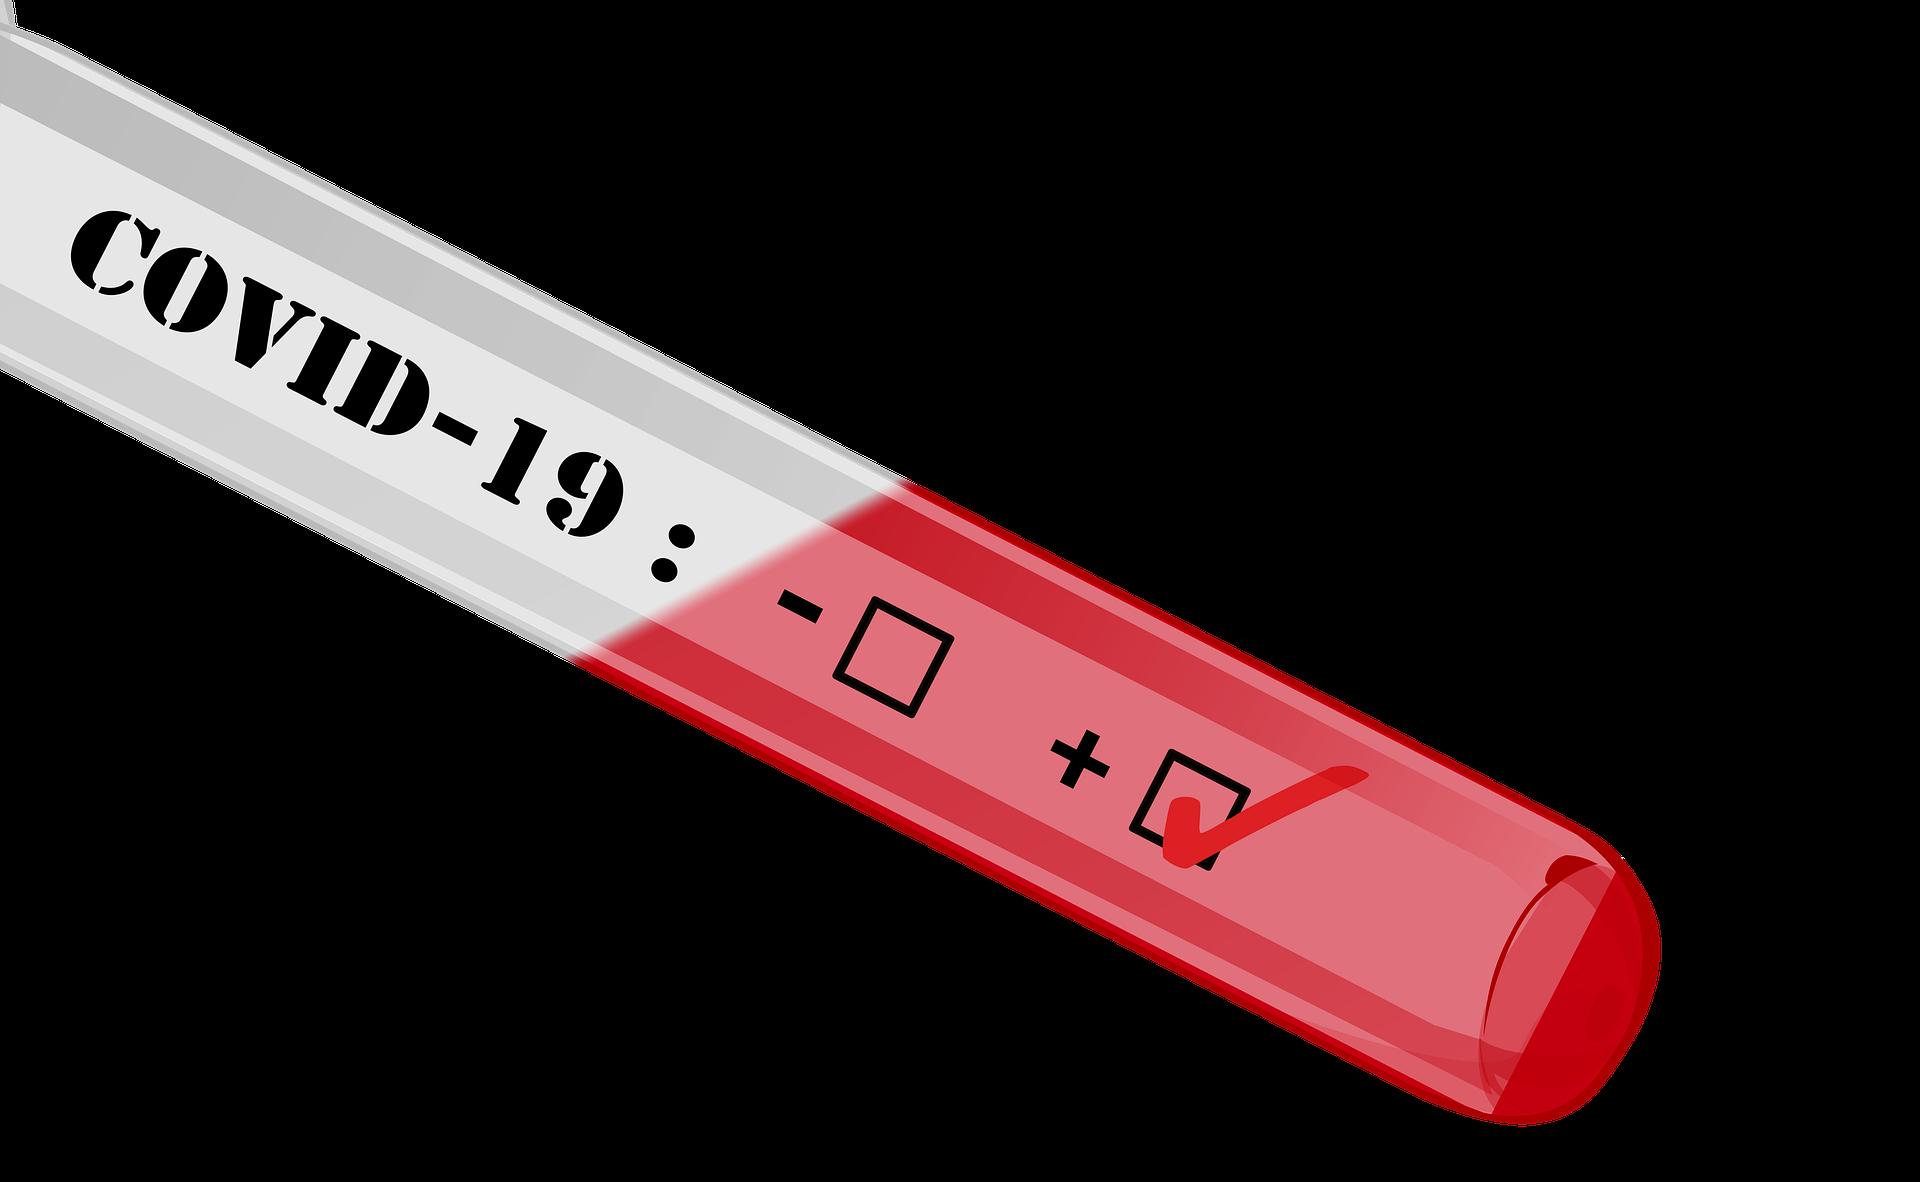 Zamieszczamy listę laboratoriów wykonujących badania w kierunku wykrywania koronawirusa SARS-CoV-19.